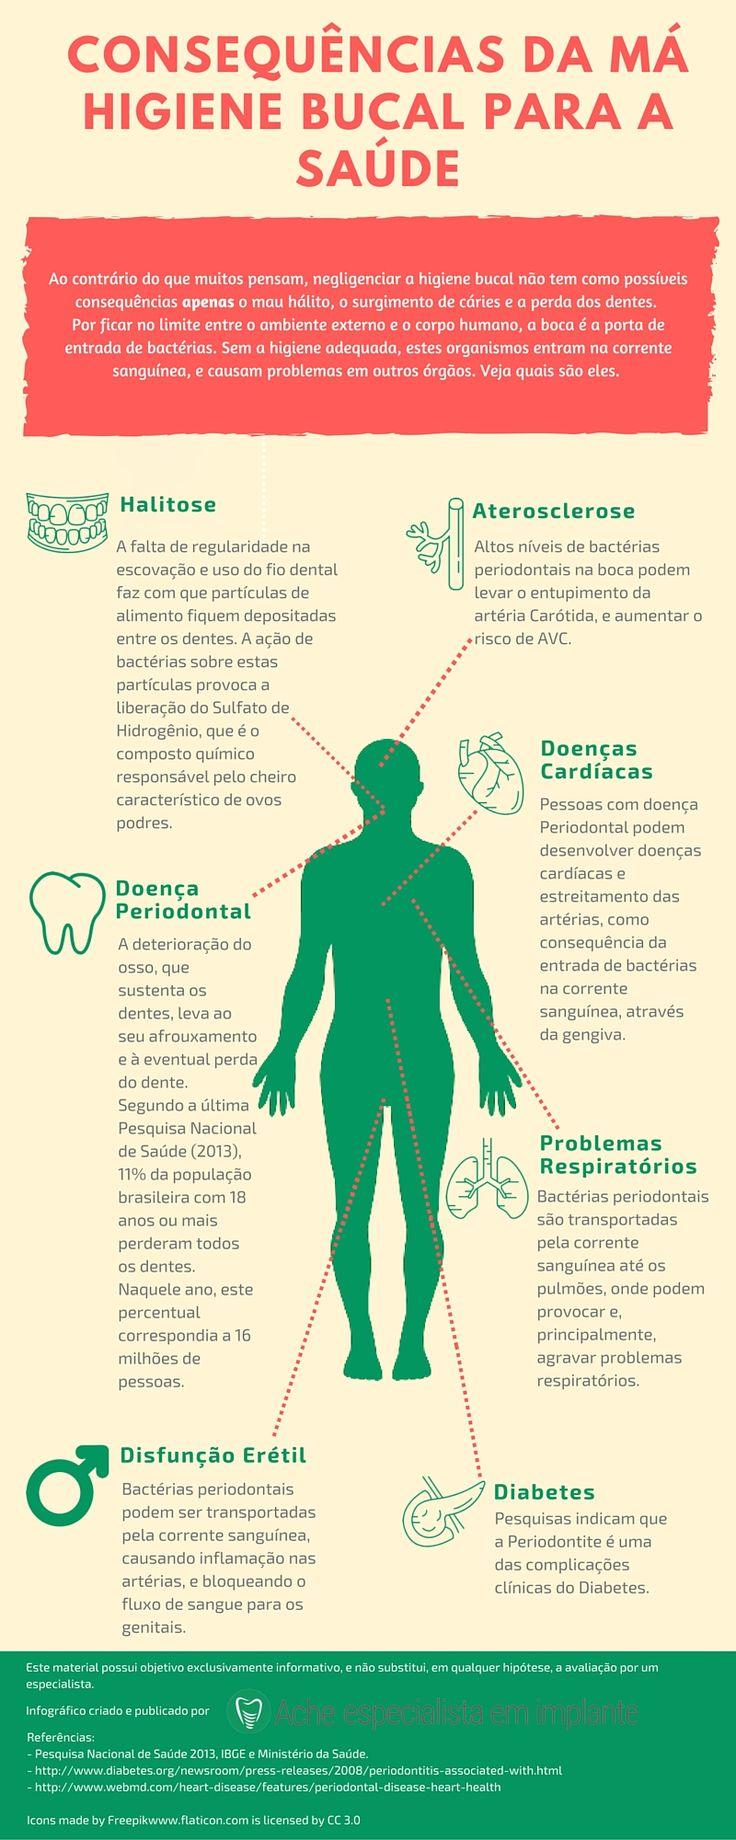 Má higiene bucal pode ter inúmeras consequências para a saúde. http://acheespecialistaemimplante.com.br/doencas-causadas-pela-falta-de-higiene-bucal/